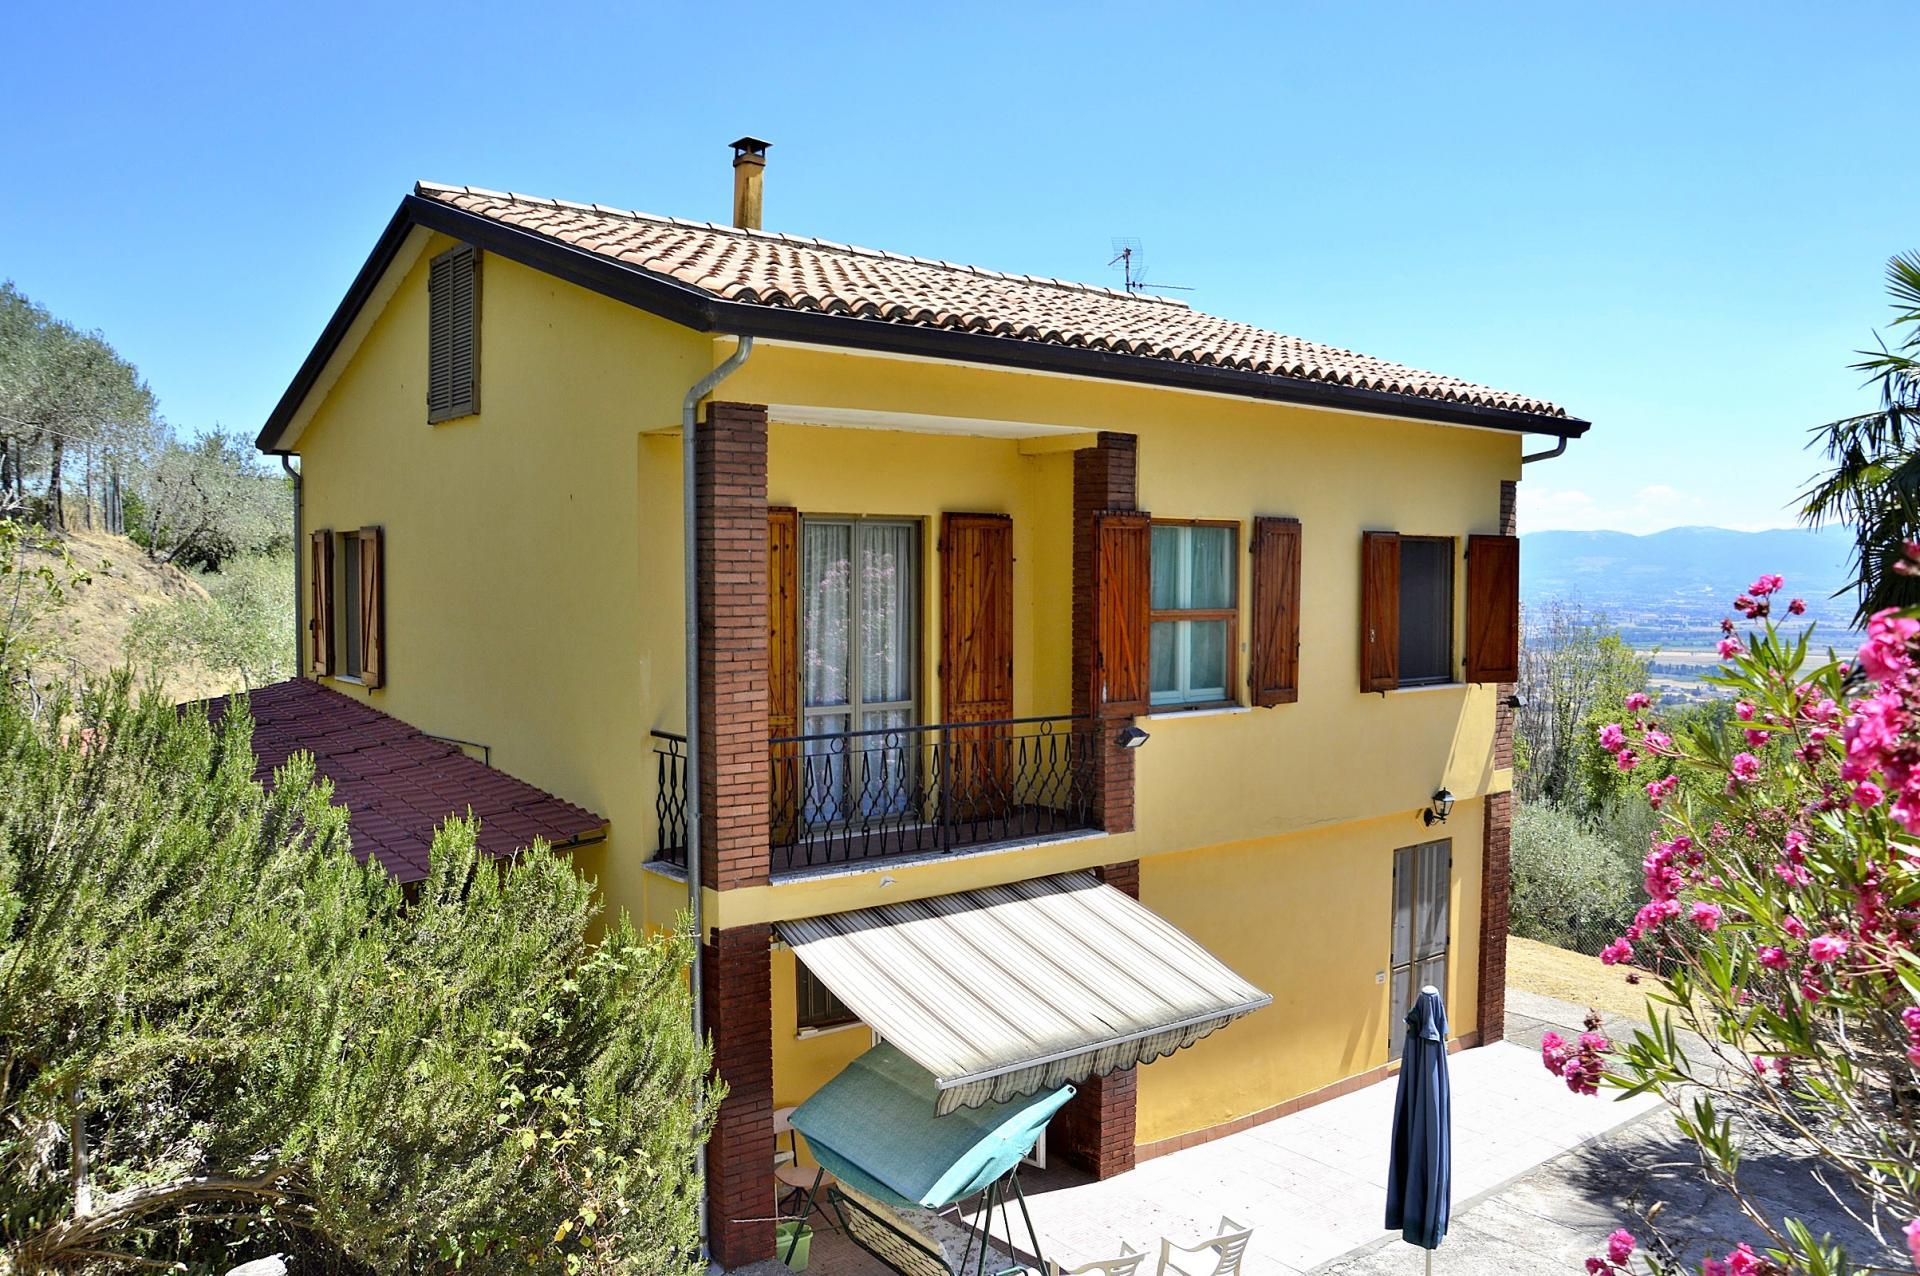 Villa in vendita a Bevagna, 6 locali, prezzo € 195.000 | CambioCasa.it